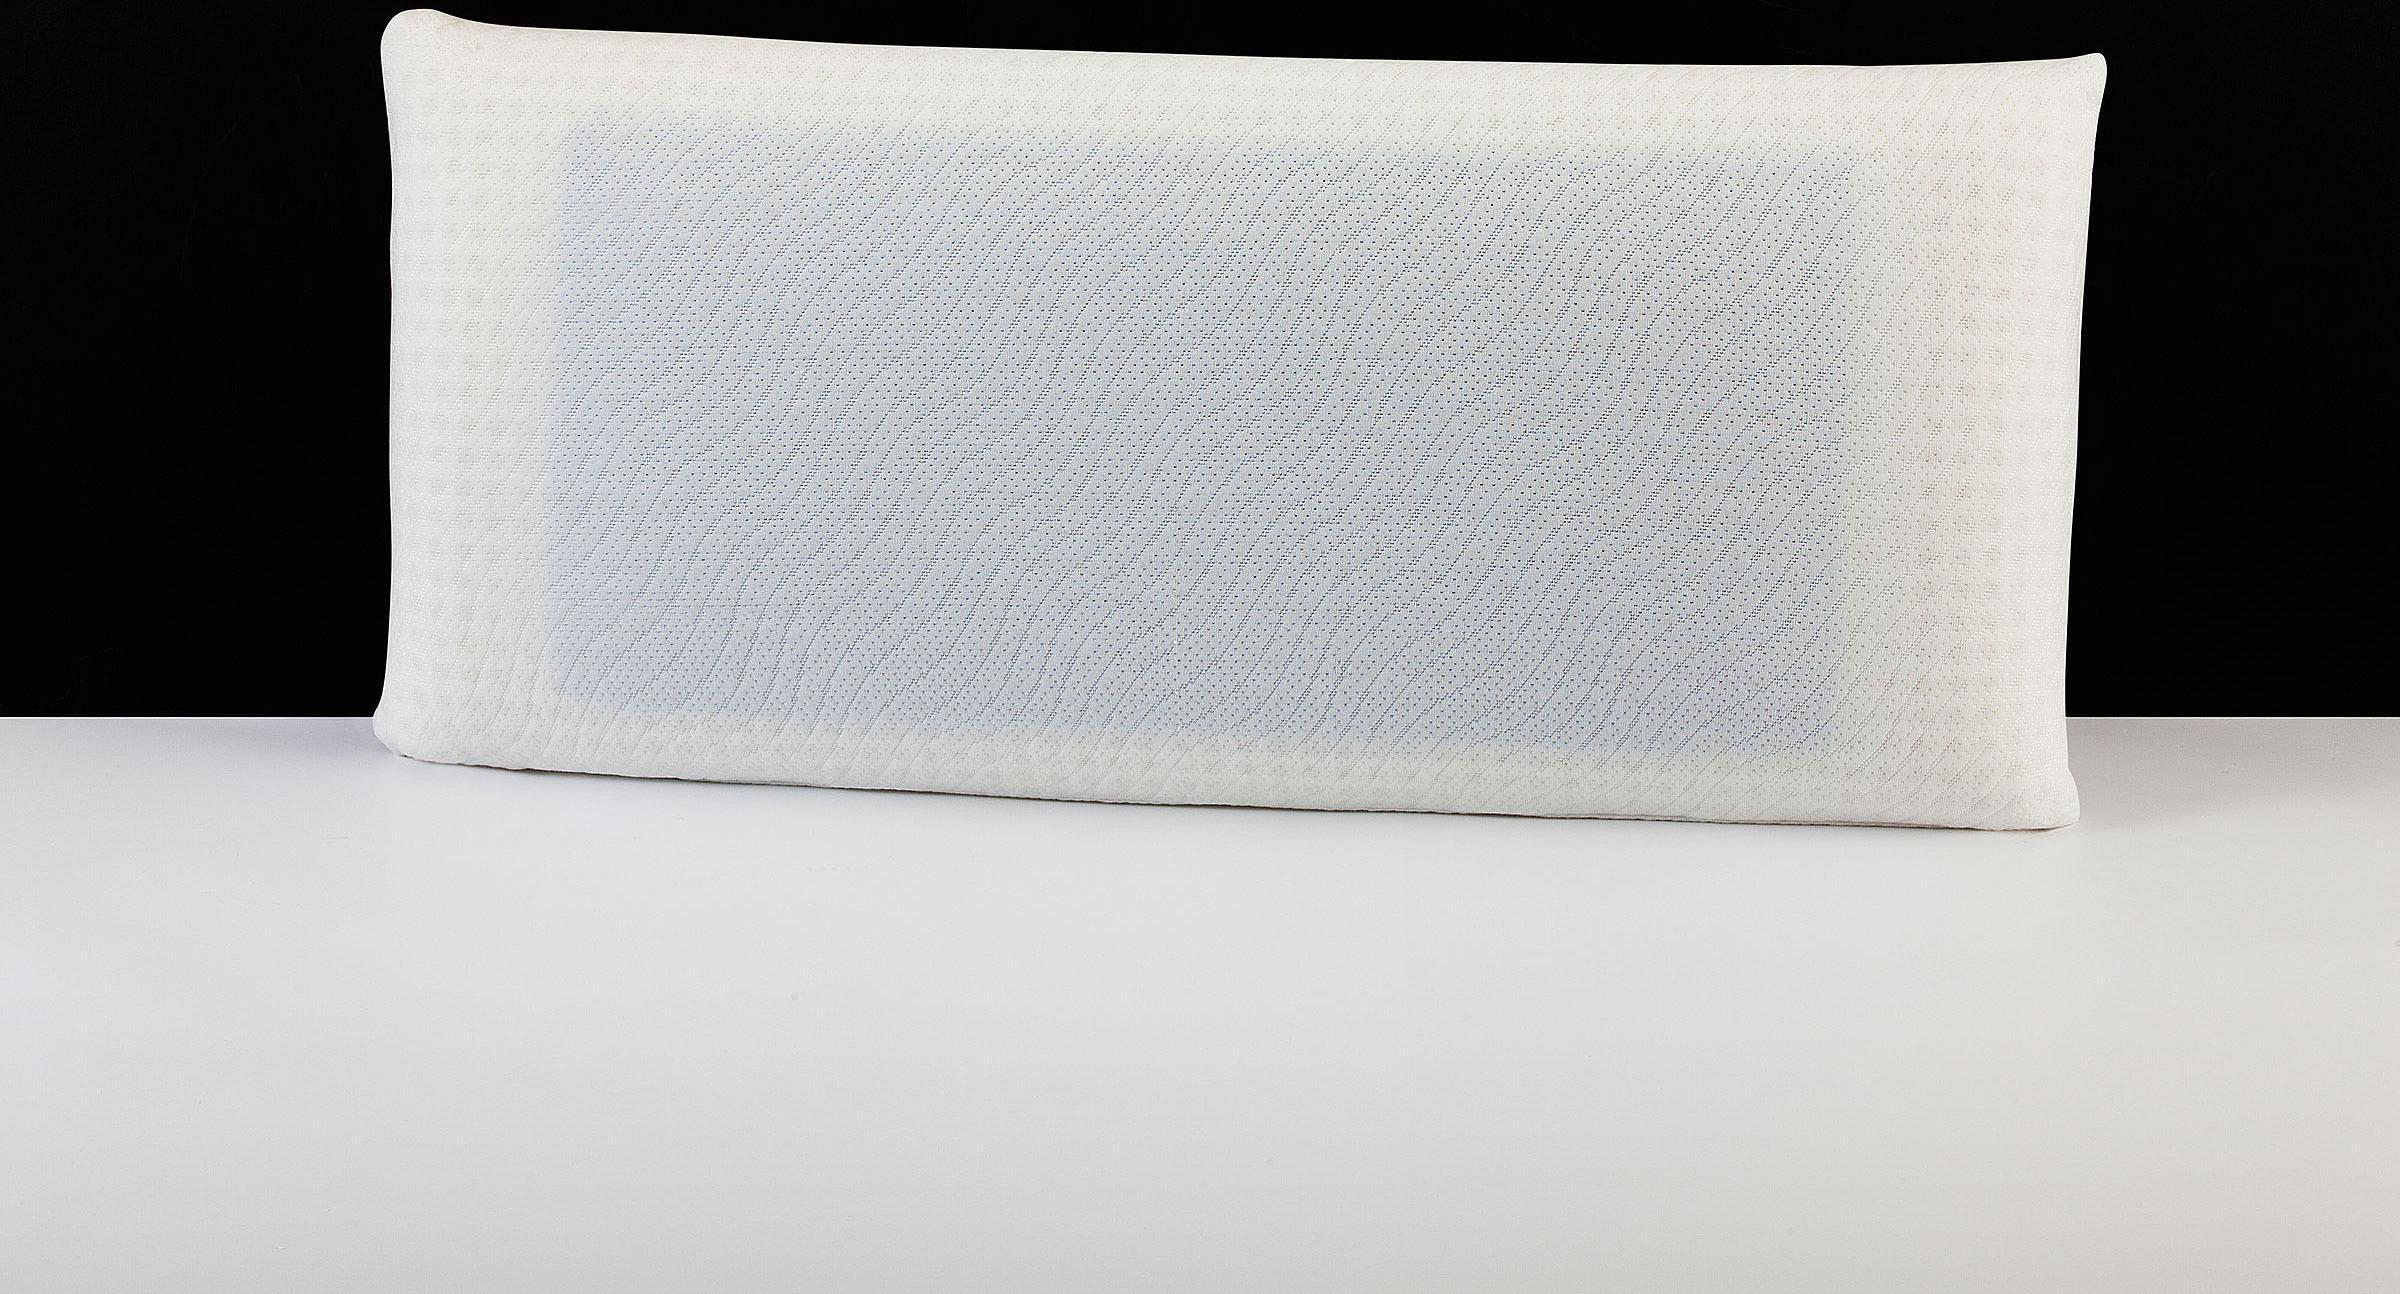 Nackenstützkissen ´´Memory Dream´´ Blue Style Airline DI QUATTRO Füllung: Viscoschaum mit farbiger Viscoeinlage und Luftkanälen Bezug: 100% Polyester